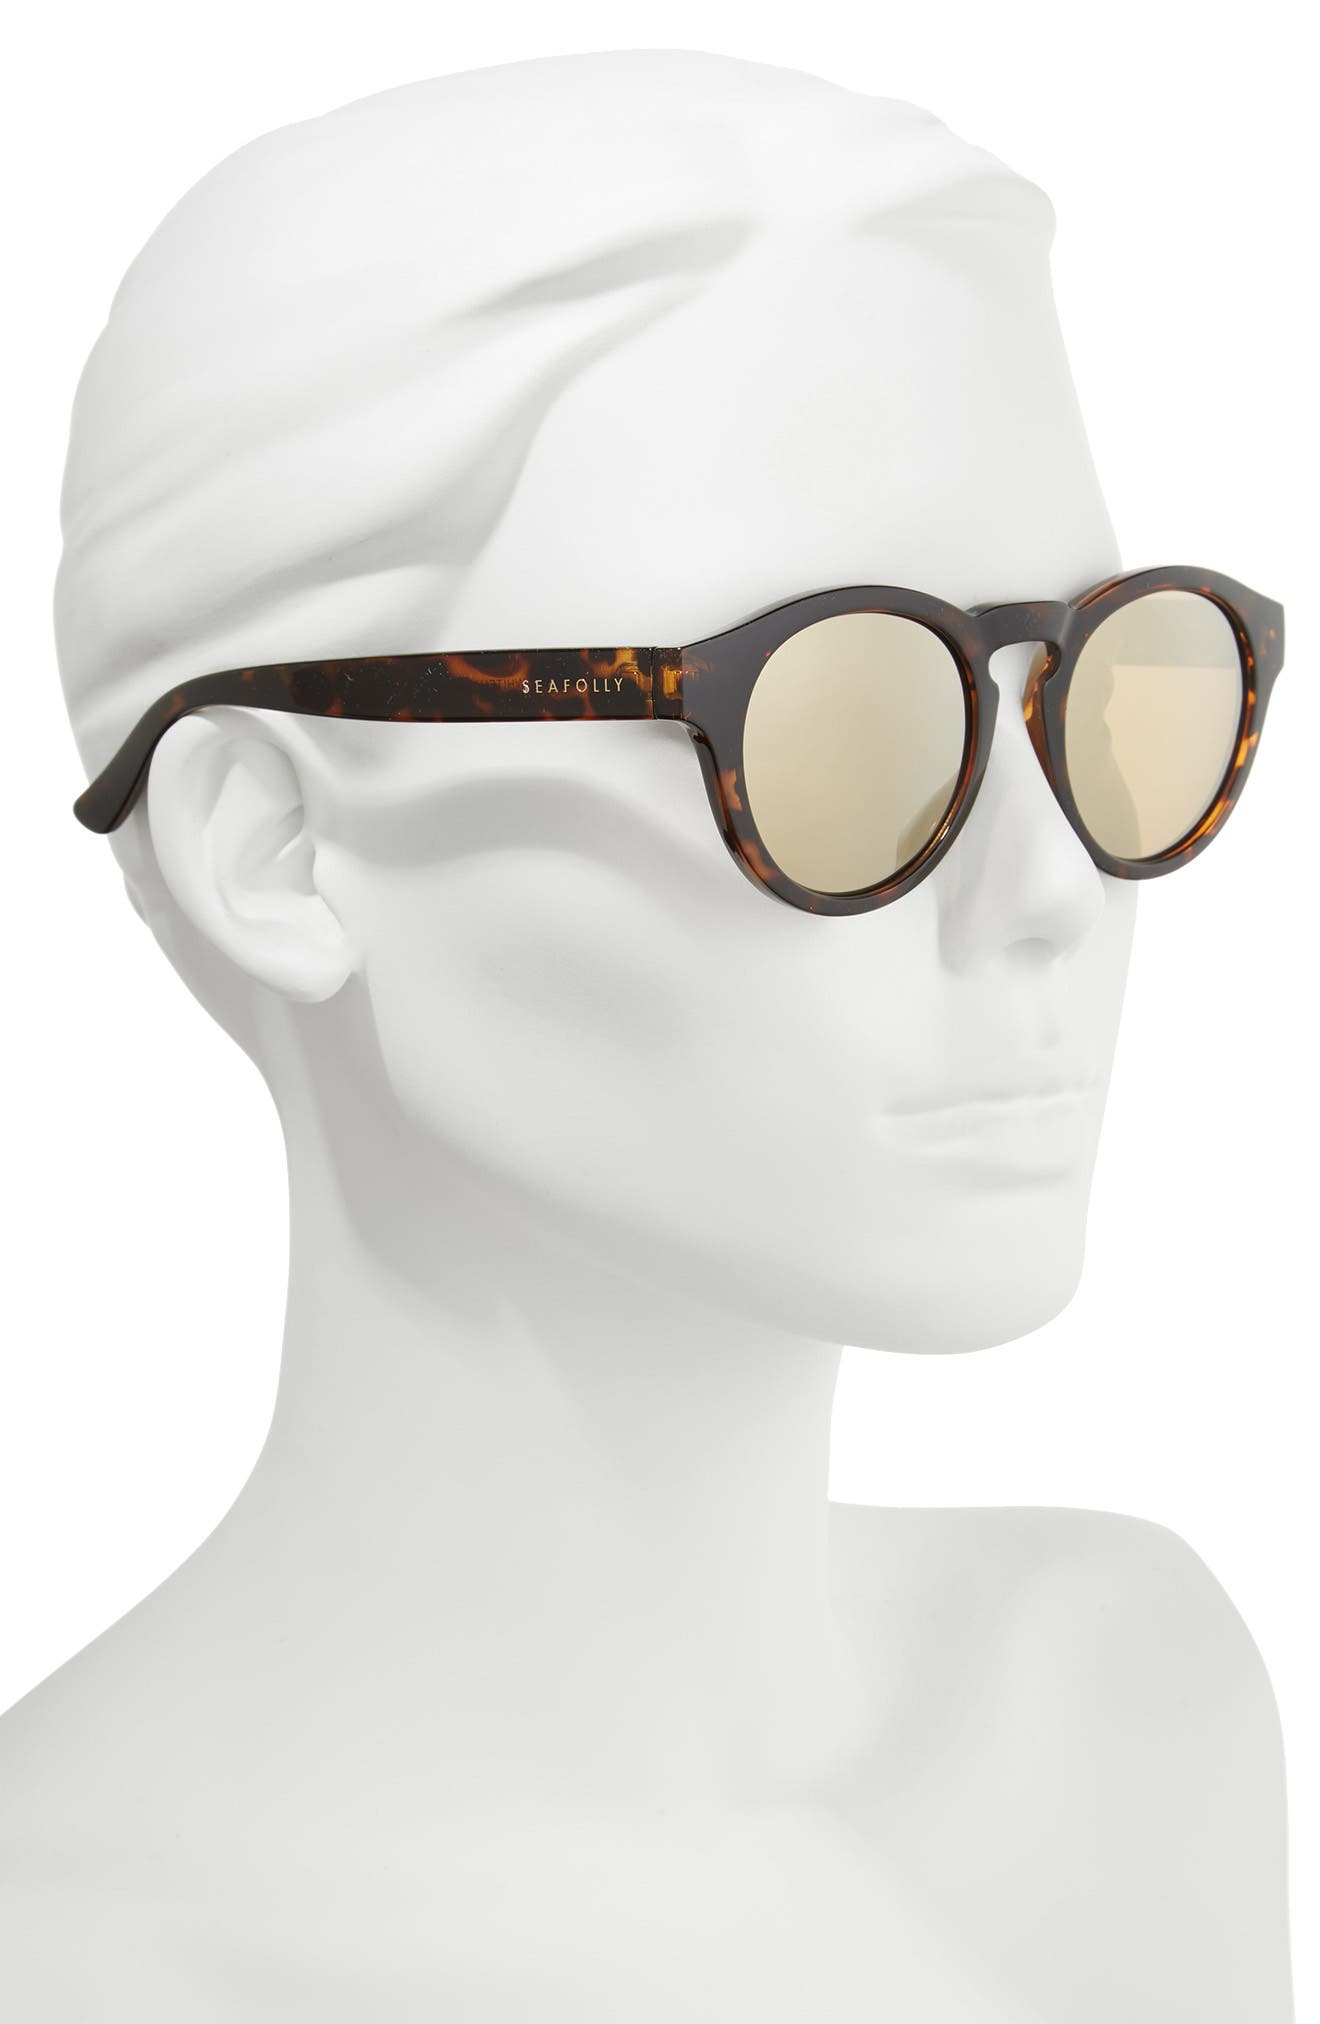 Whitehaven 49mm Round Lens Polarized Sunglasses,                             Alternate thumbnail 2, color,                             DARK TORT